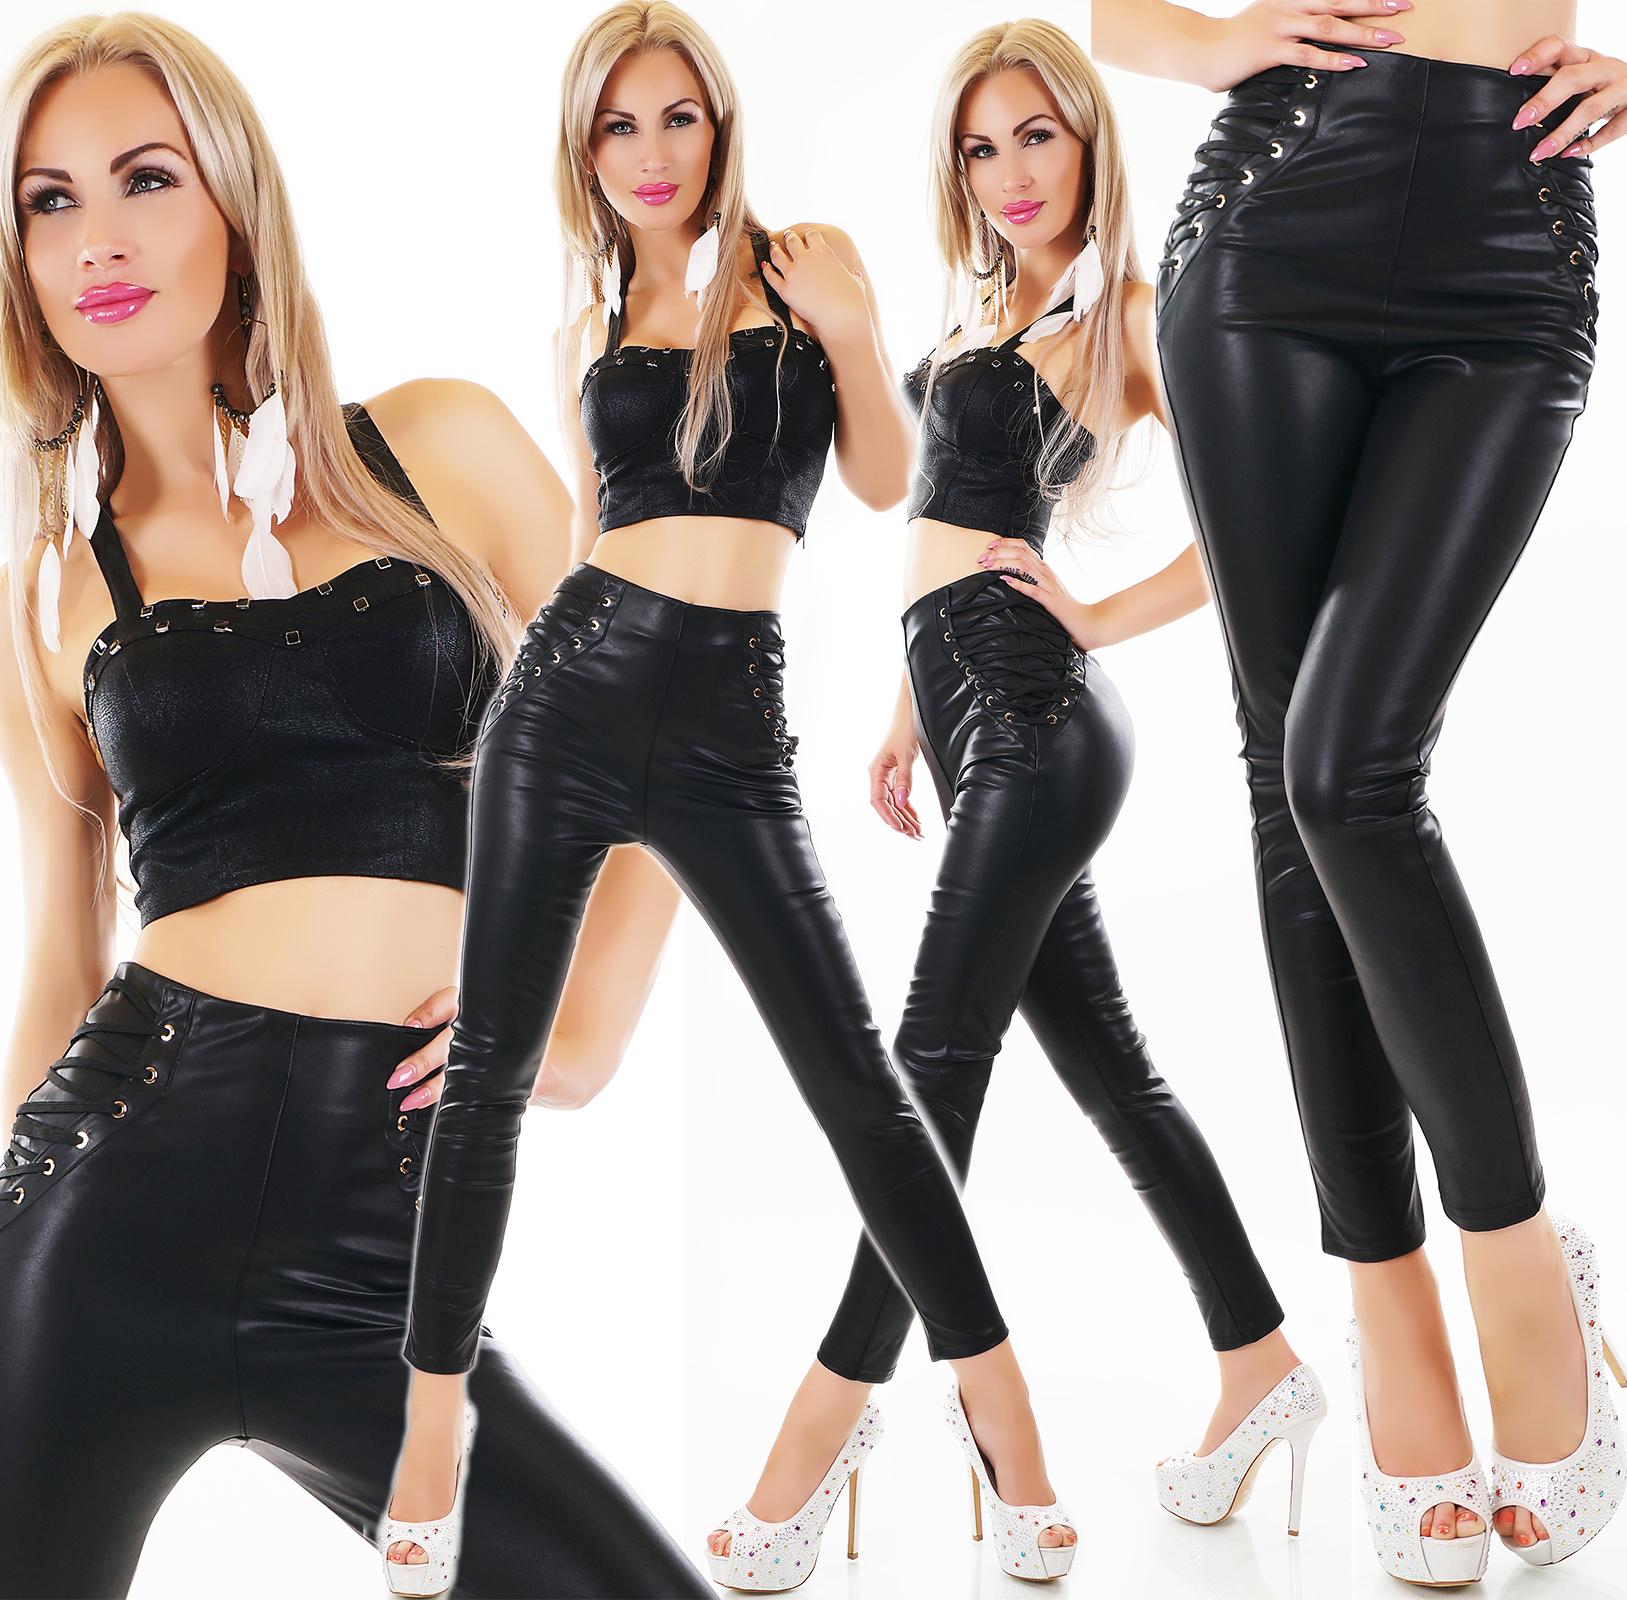 c66d33c6d7ae Detalles de Sexy Cintura Alta Piel Sintética Pantalones con Lateral  Cordones.uk 8.10.12.14